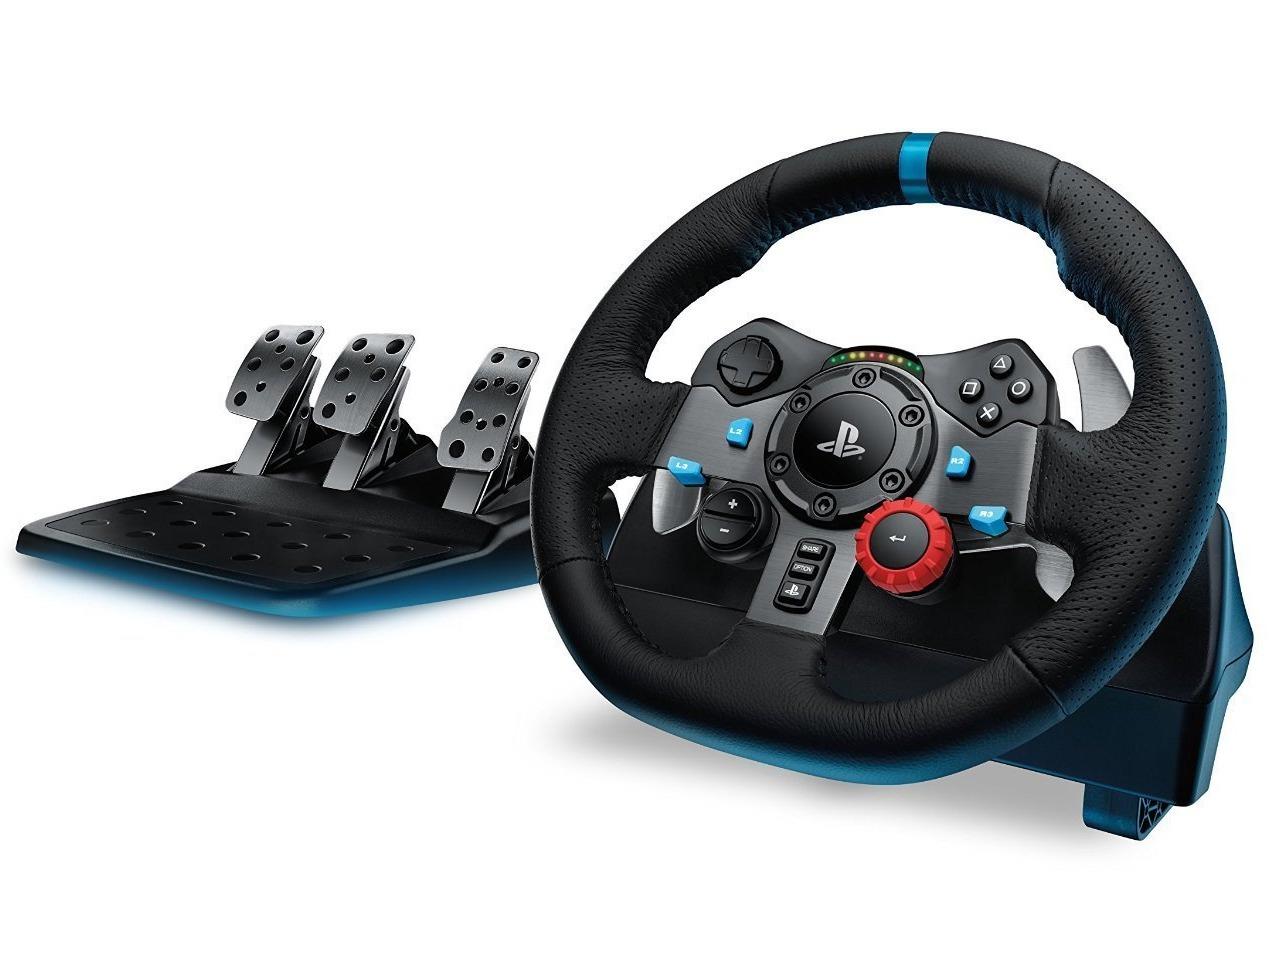 [amazon.de] Logitech G29 Driving Force Lenkrad - PS4 / PC (mit Pedalen)